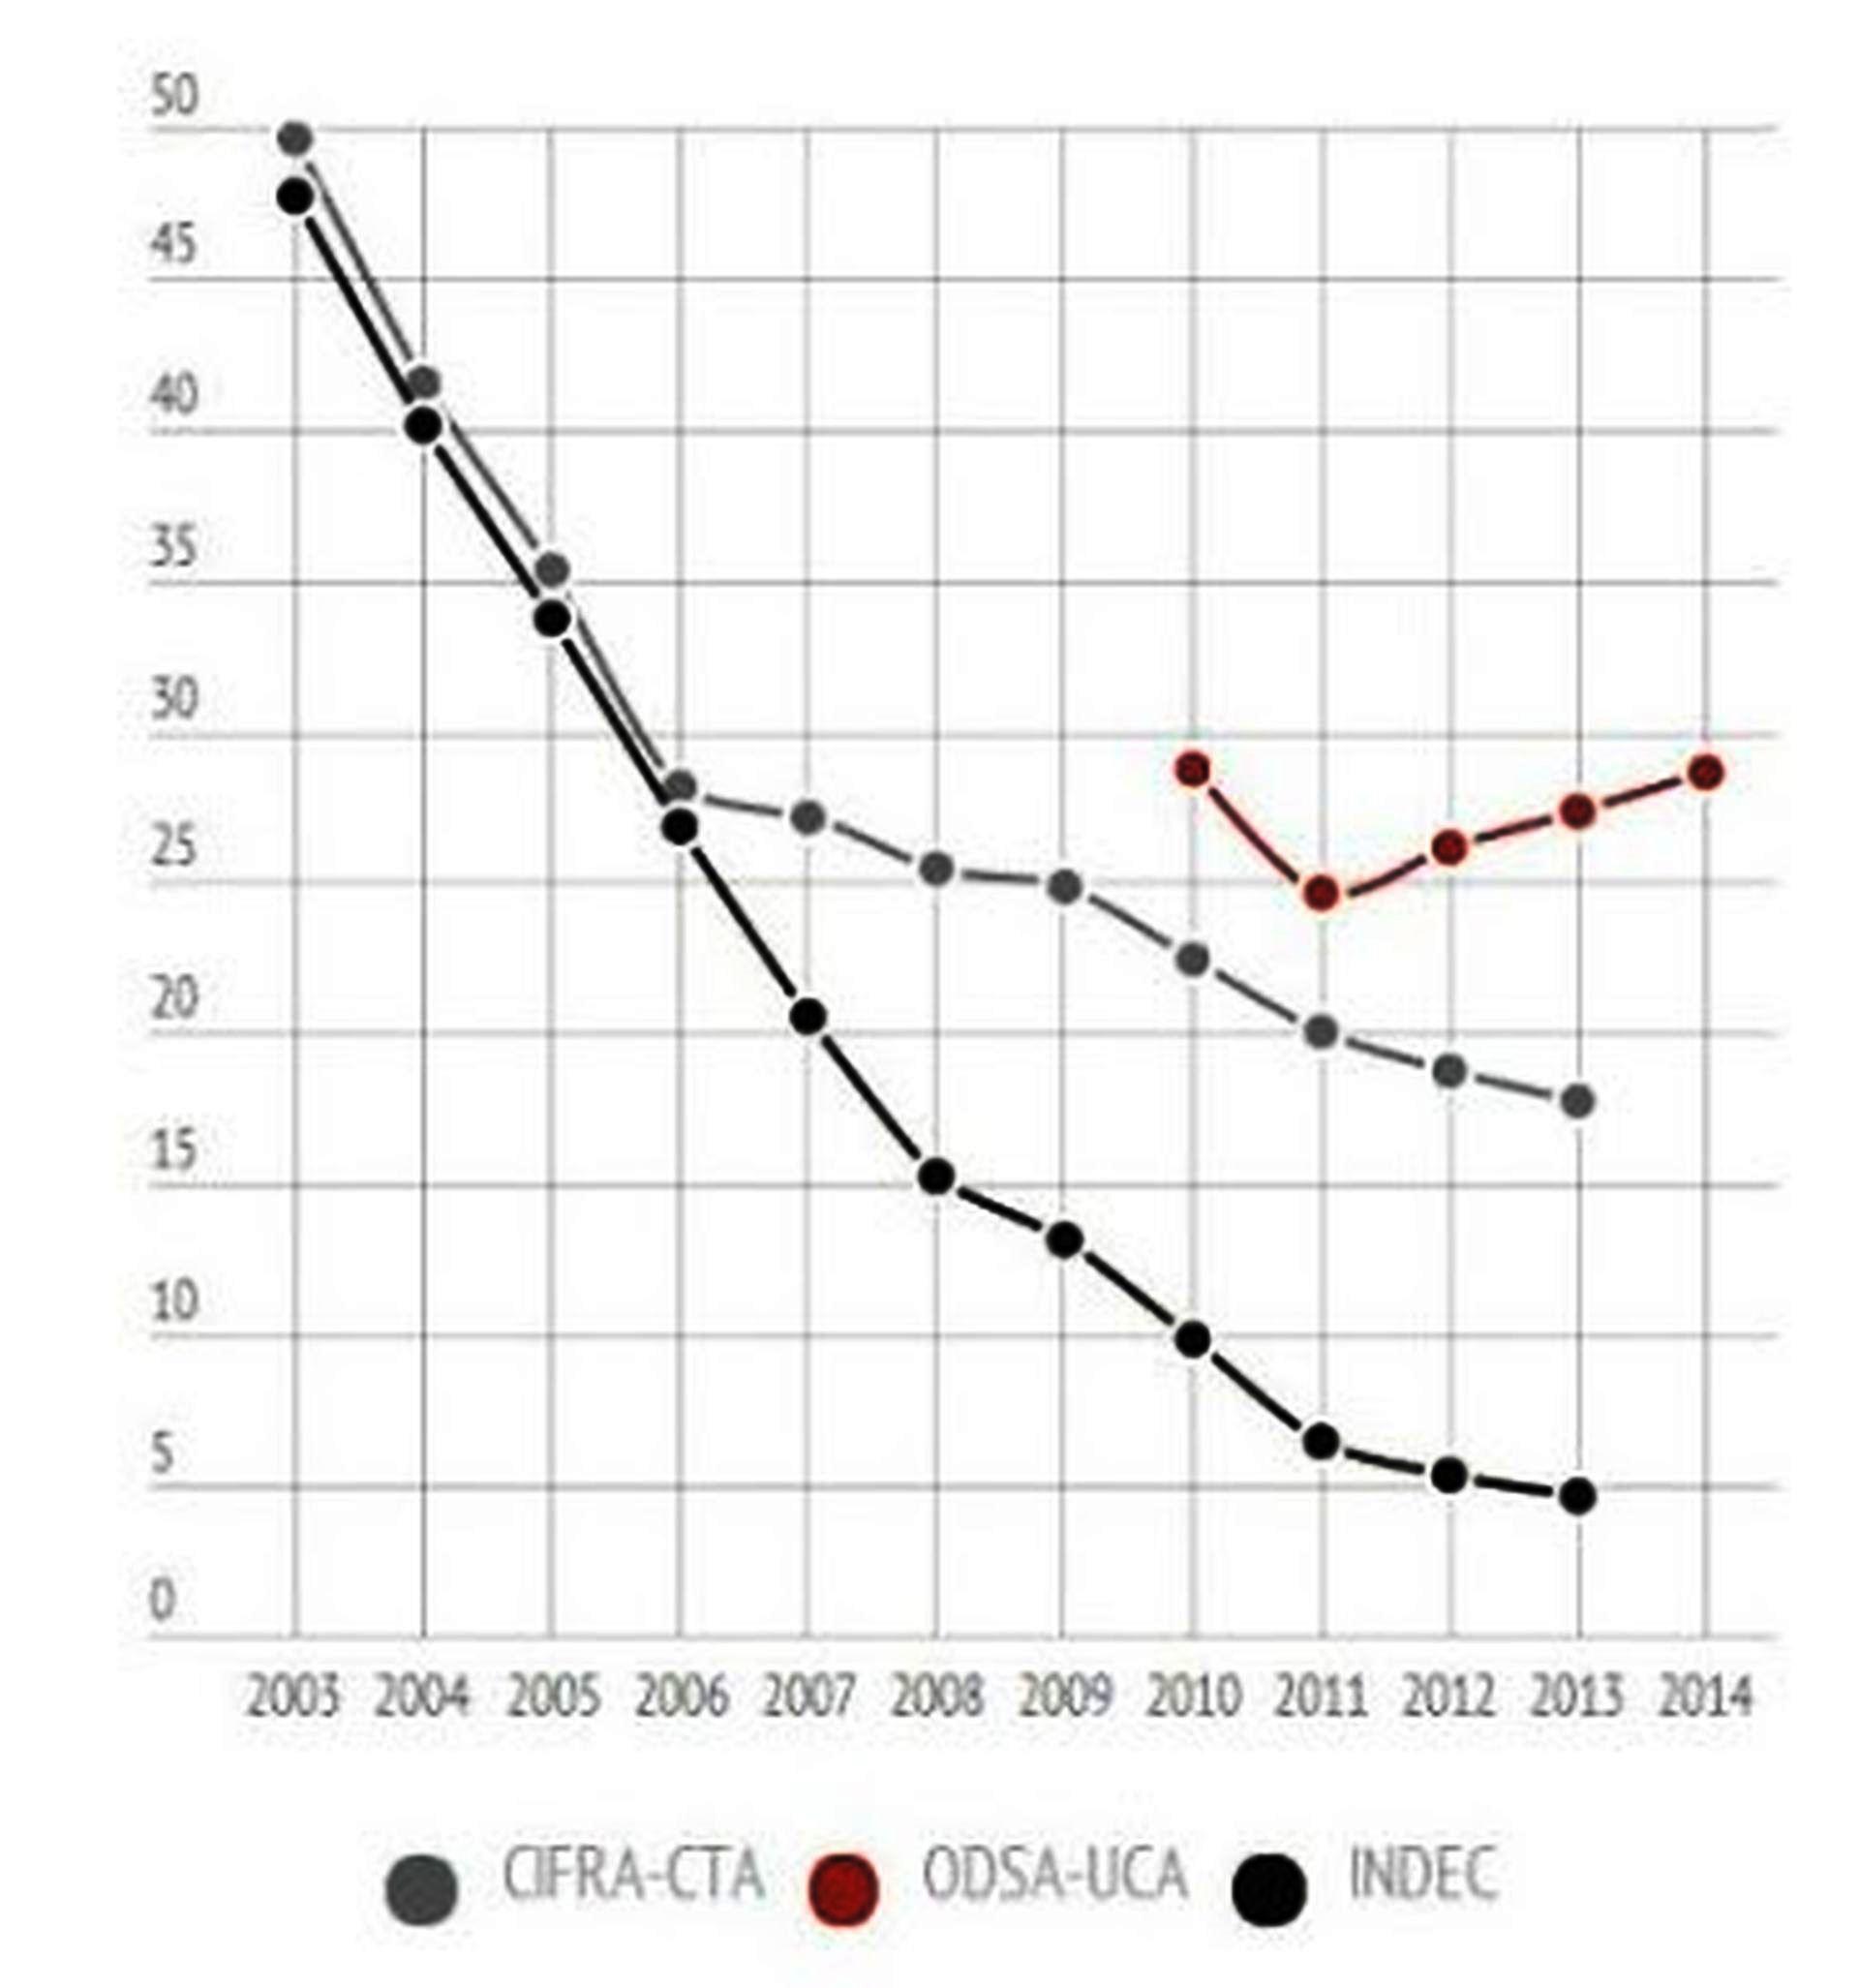 memoria-y-balance-2003-2015-4-pobreza.jpg